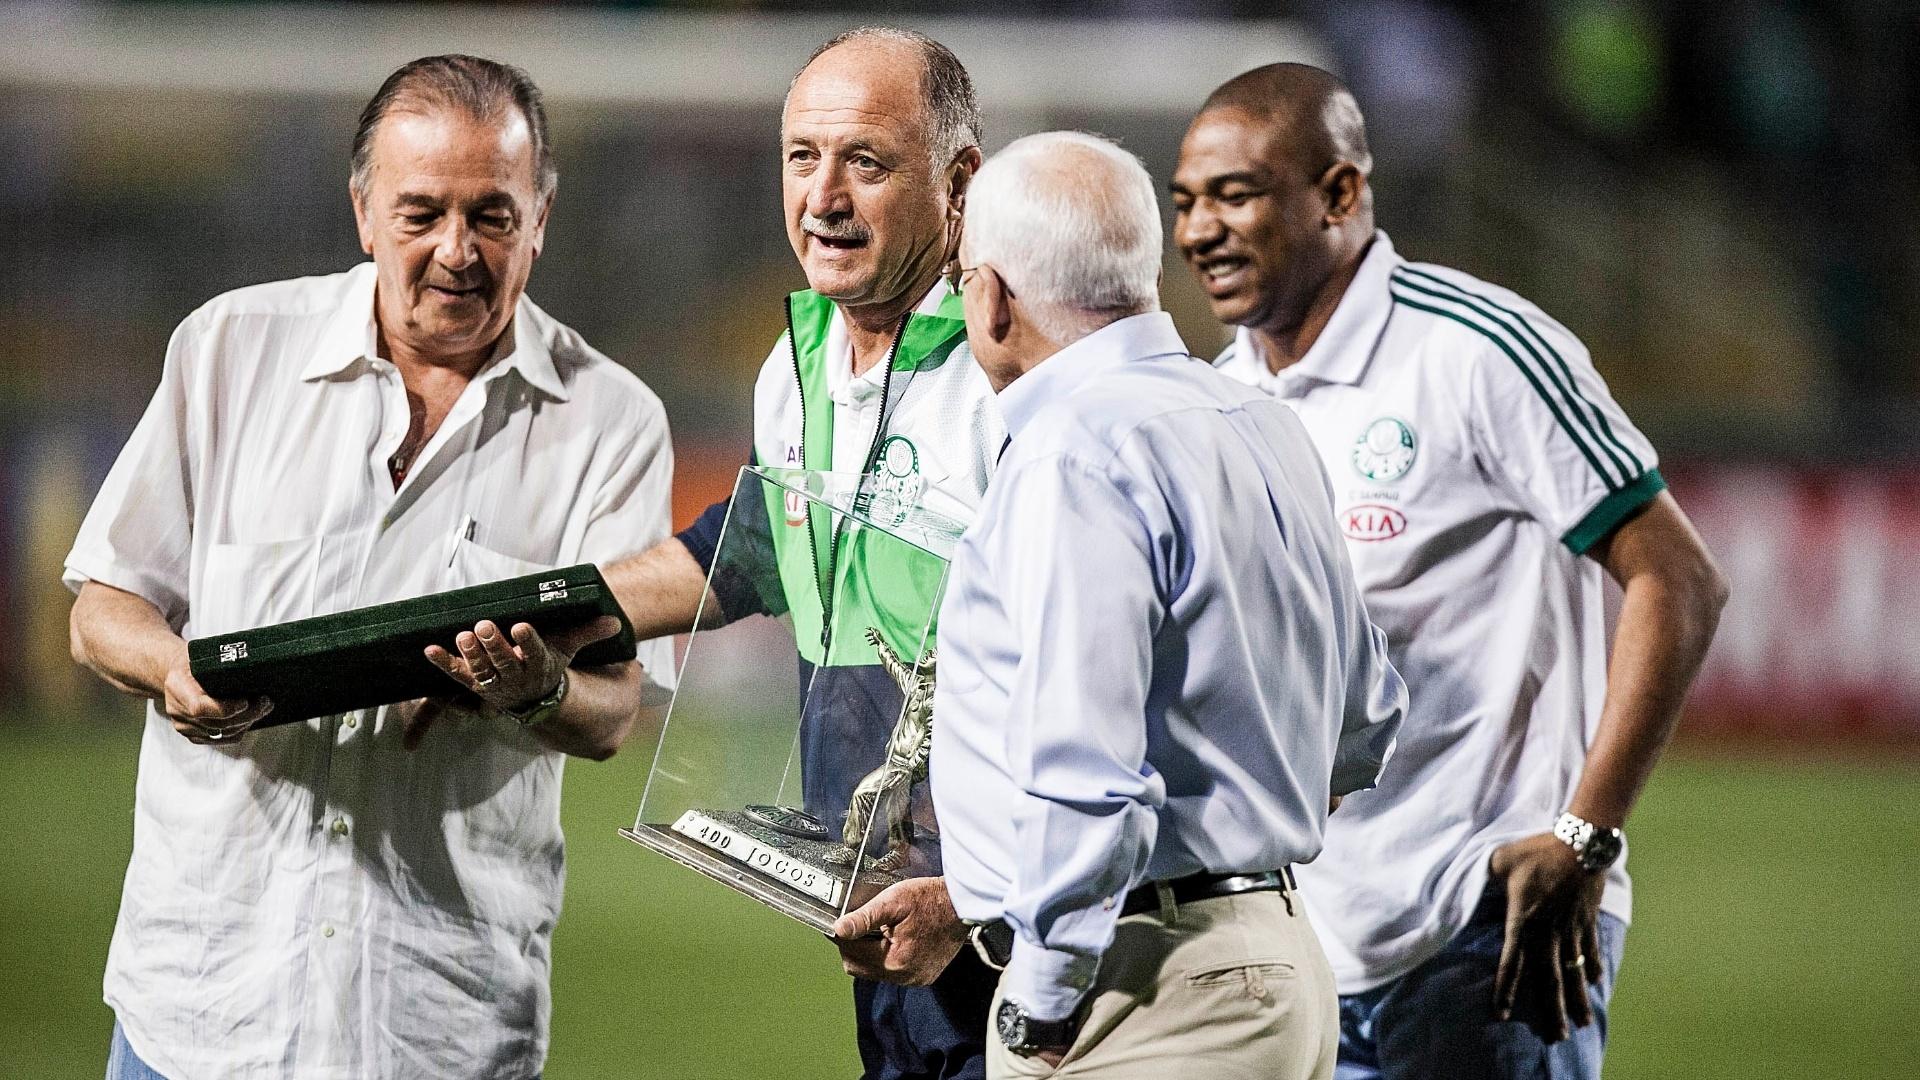 Técnico Felipão recebe homenagem antes do clássico contra o Santos, o jogo de número 400 em sua passagem pelo Palmeiras